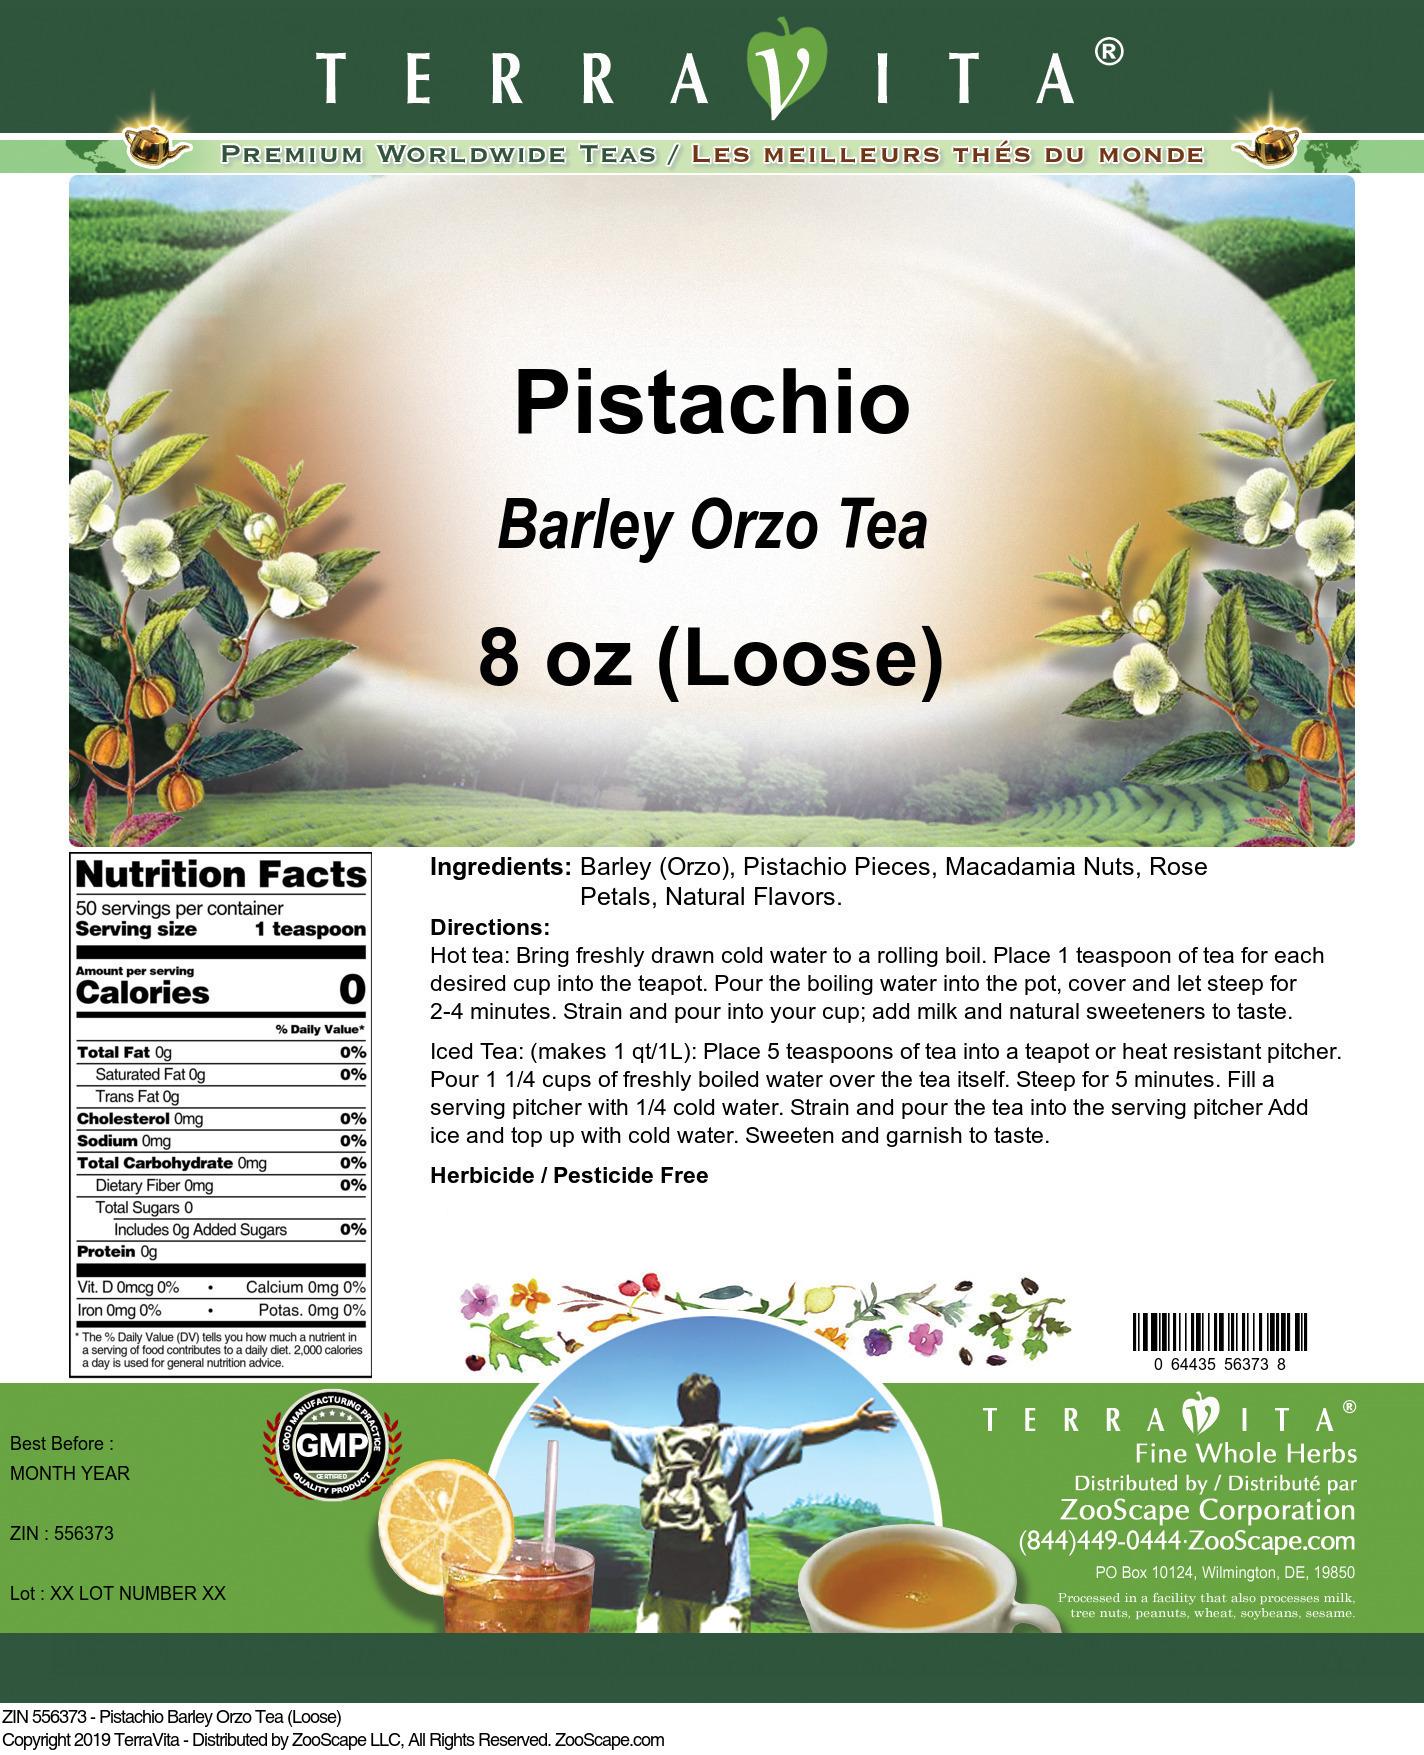 Pistachio Barley Orzo